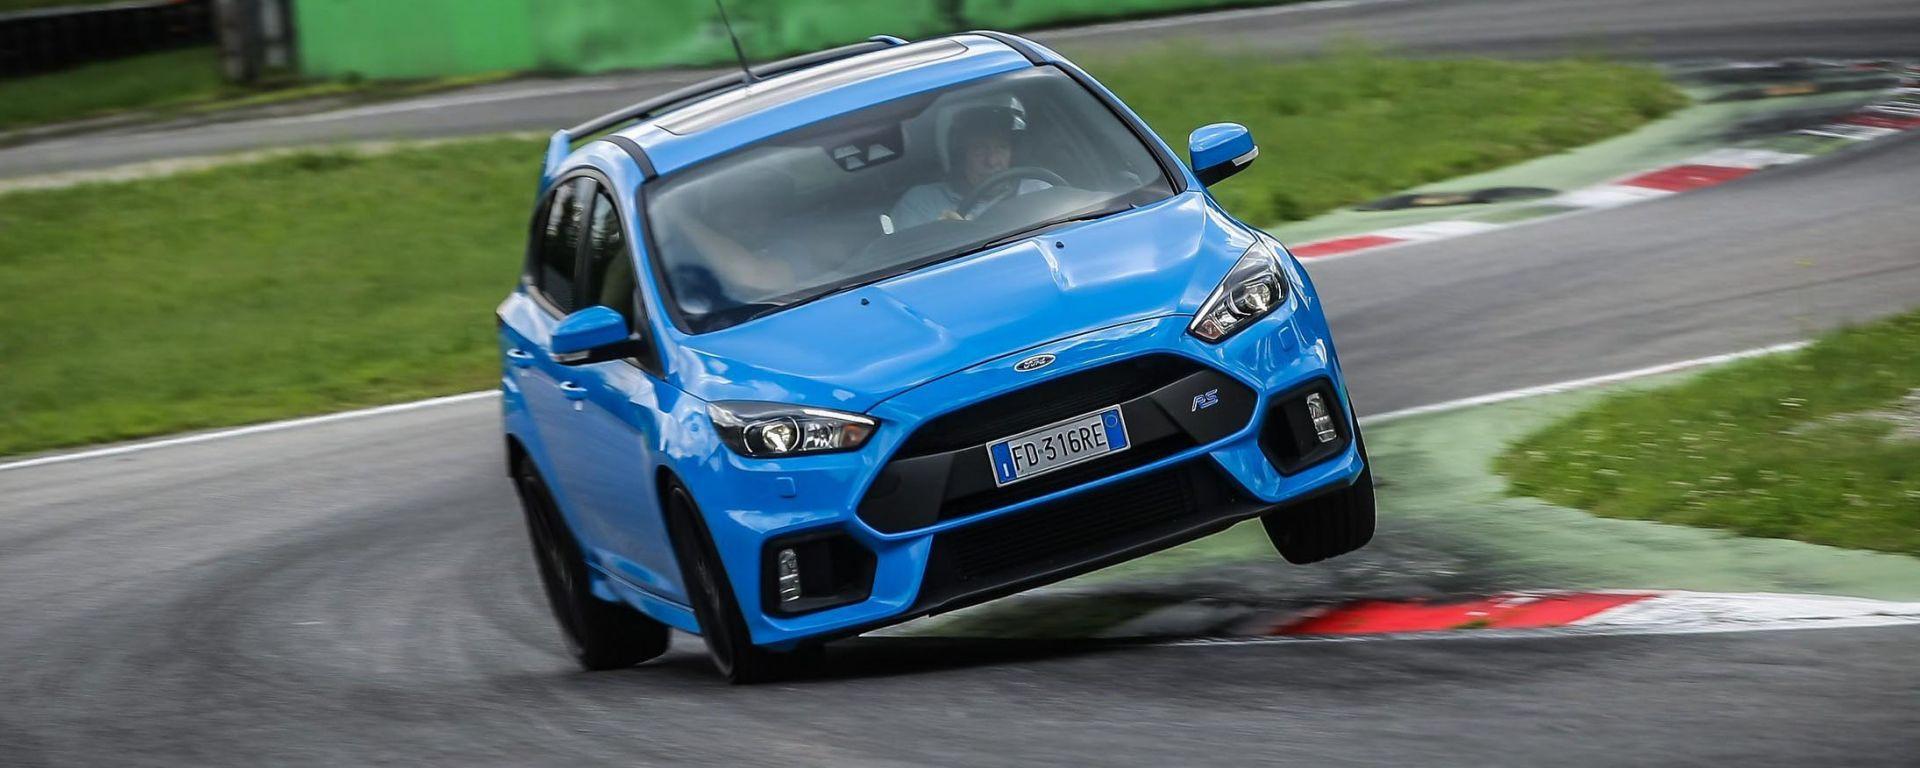 Ford Focus RS, il Drift Mode è nato così: per caso